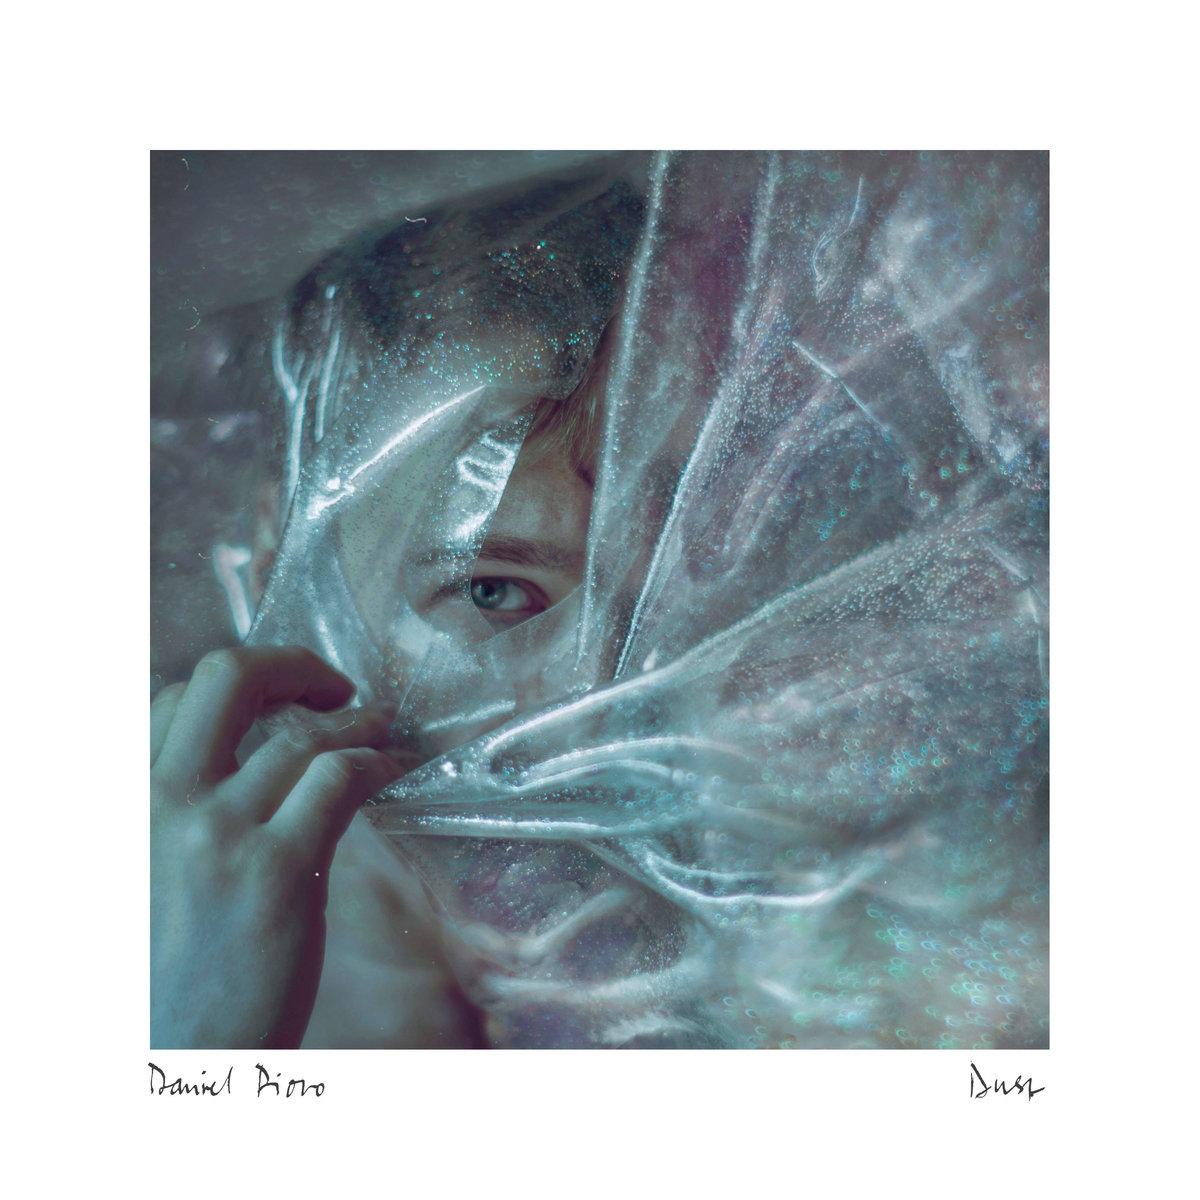 Daniel Pioro - Dust